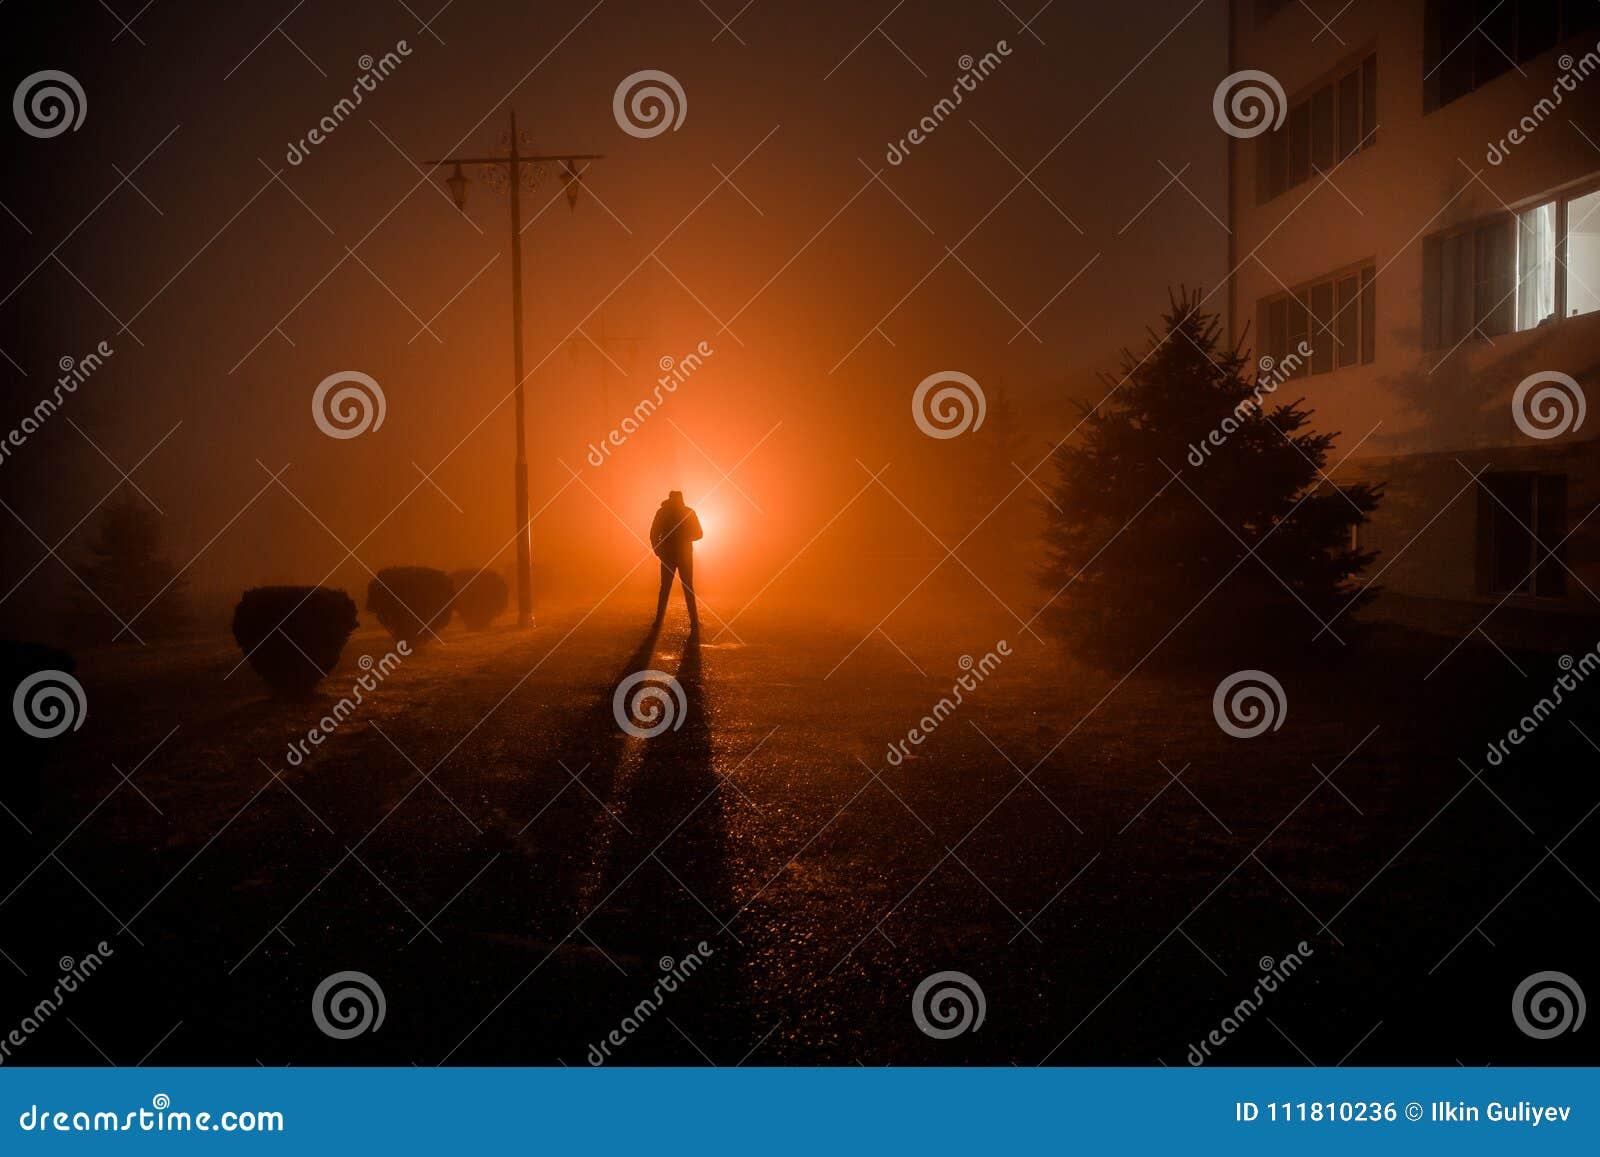 Ville la nuit en brouillard dense Lumières surréalistes de paysage mystique avec l homme rampant La silhouette de l homme de marc